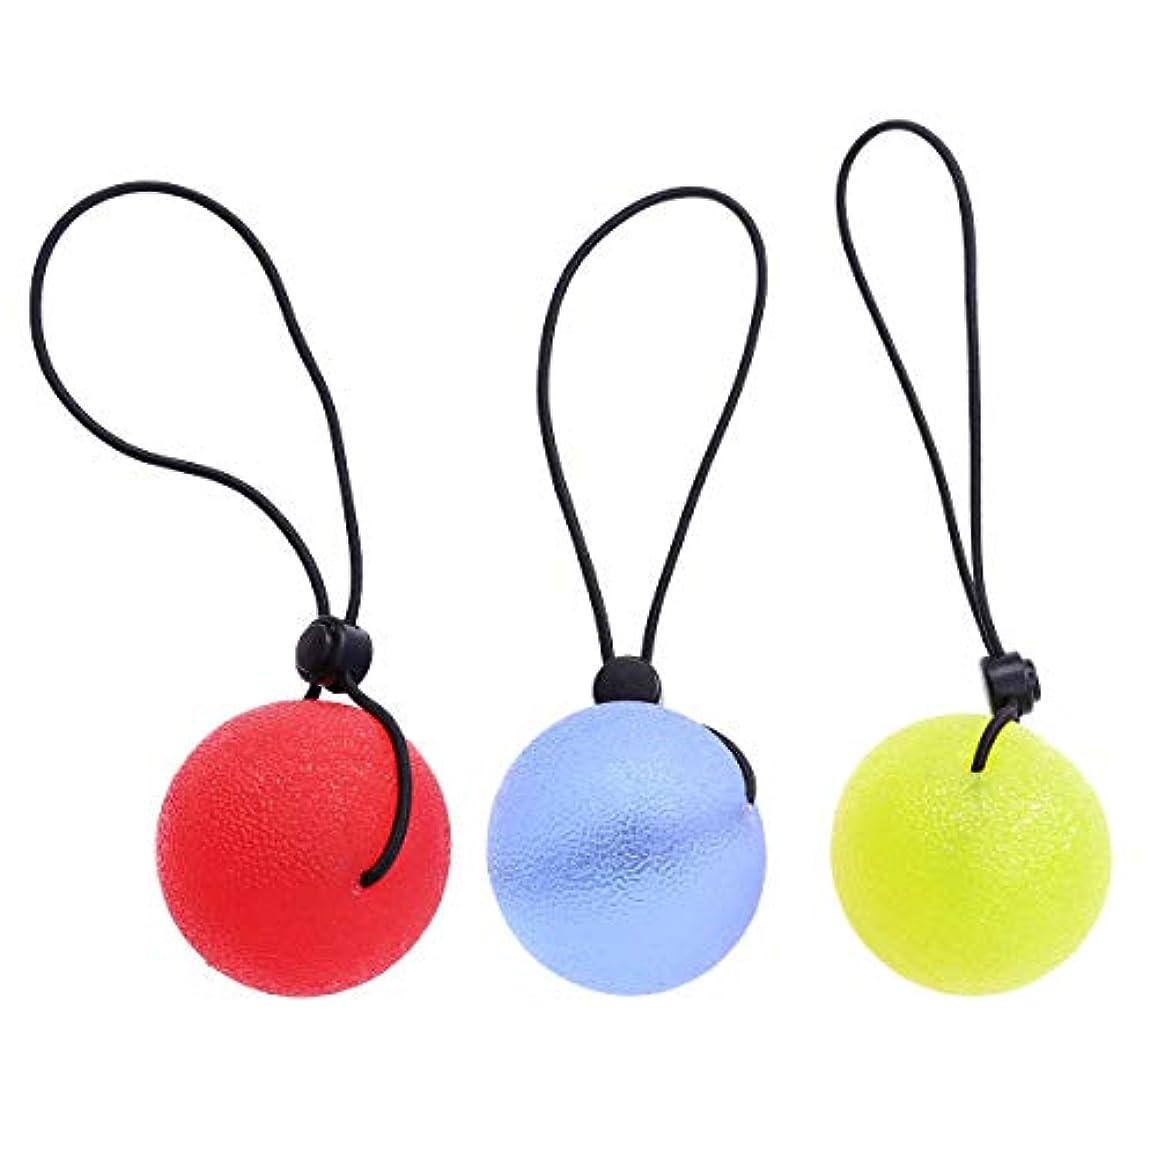 切り下げ空やりがいのあるROSENICE ハンドグリップストレングスフィンガーグリップボールセラピースクイズ3個